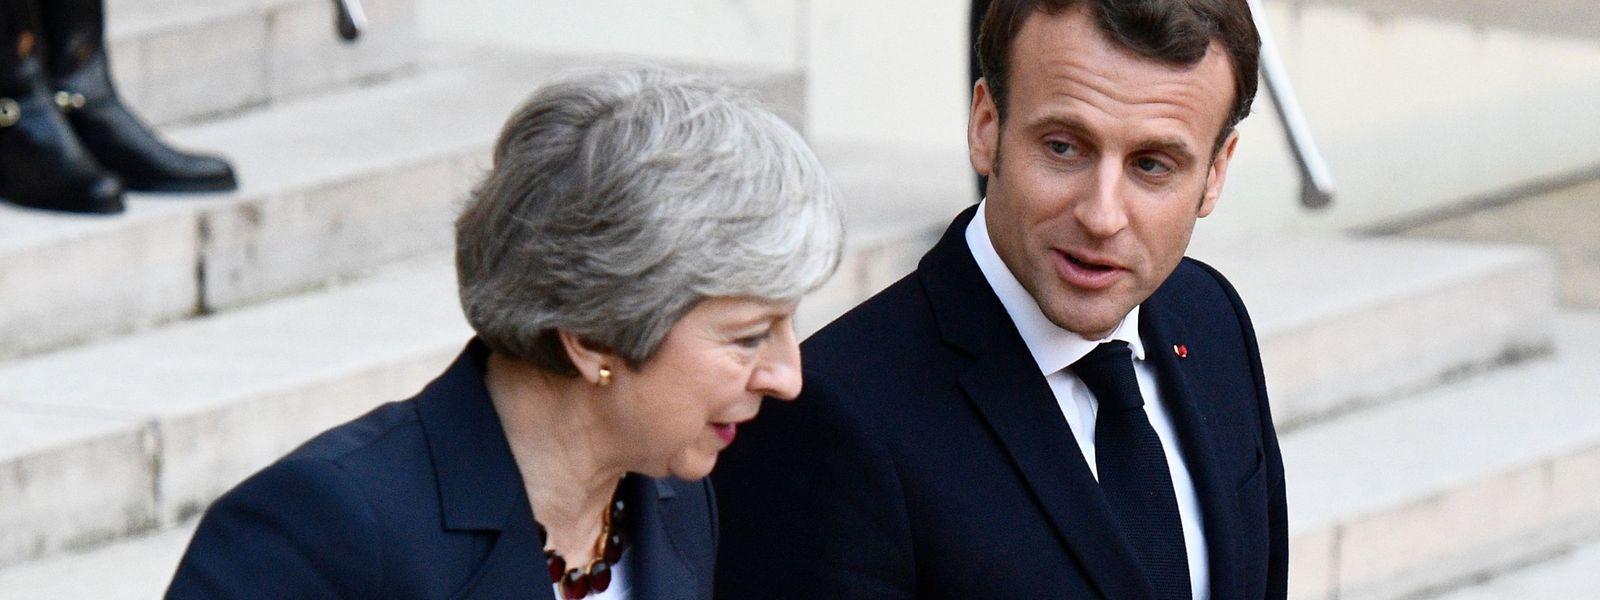 La Première ministre britannique a joué son va-tout mardi auprès de la France et de Berlin.